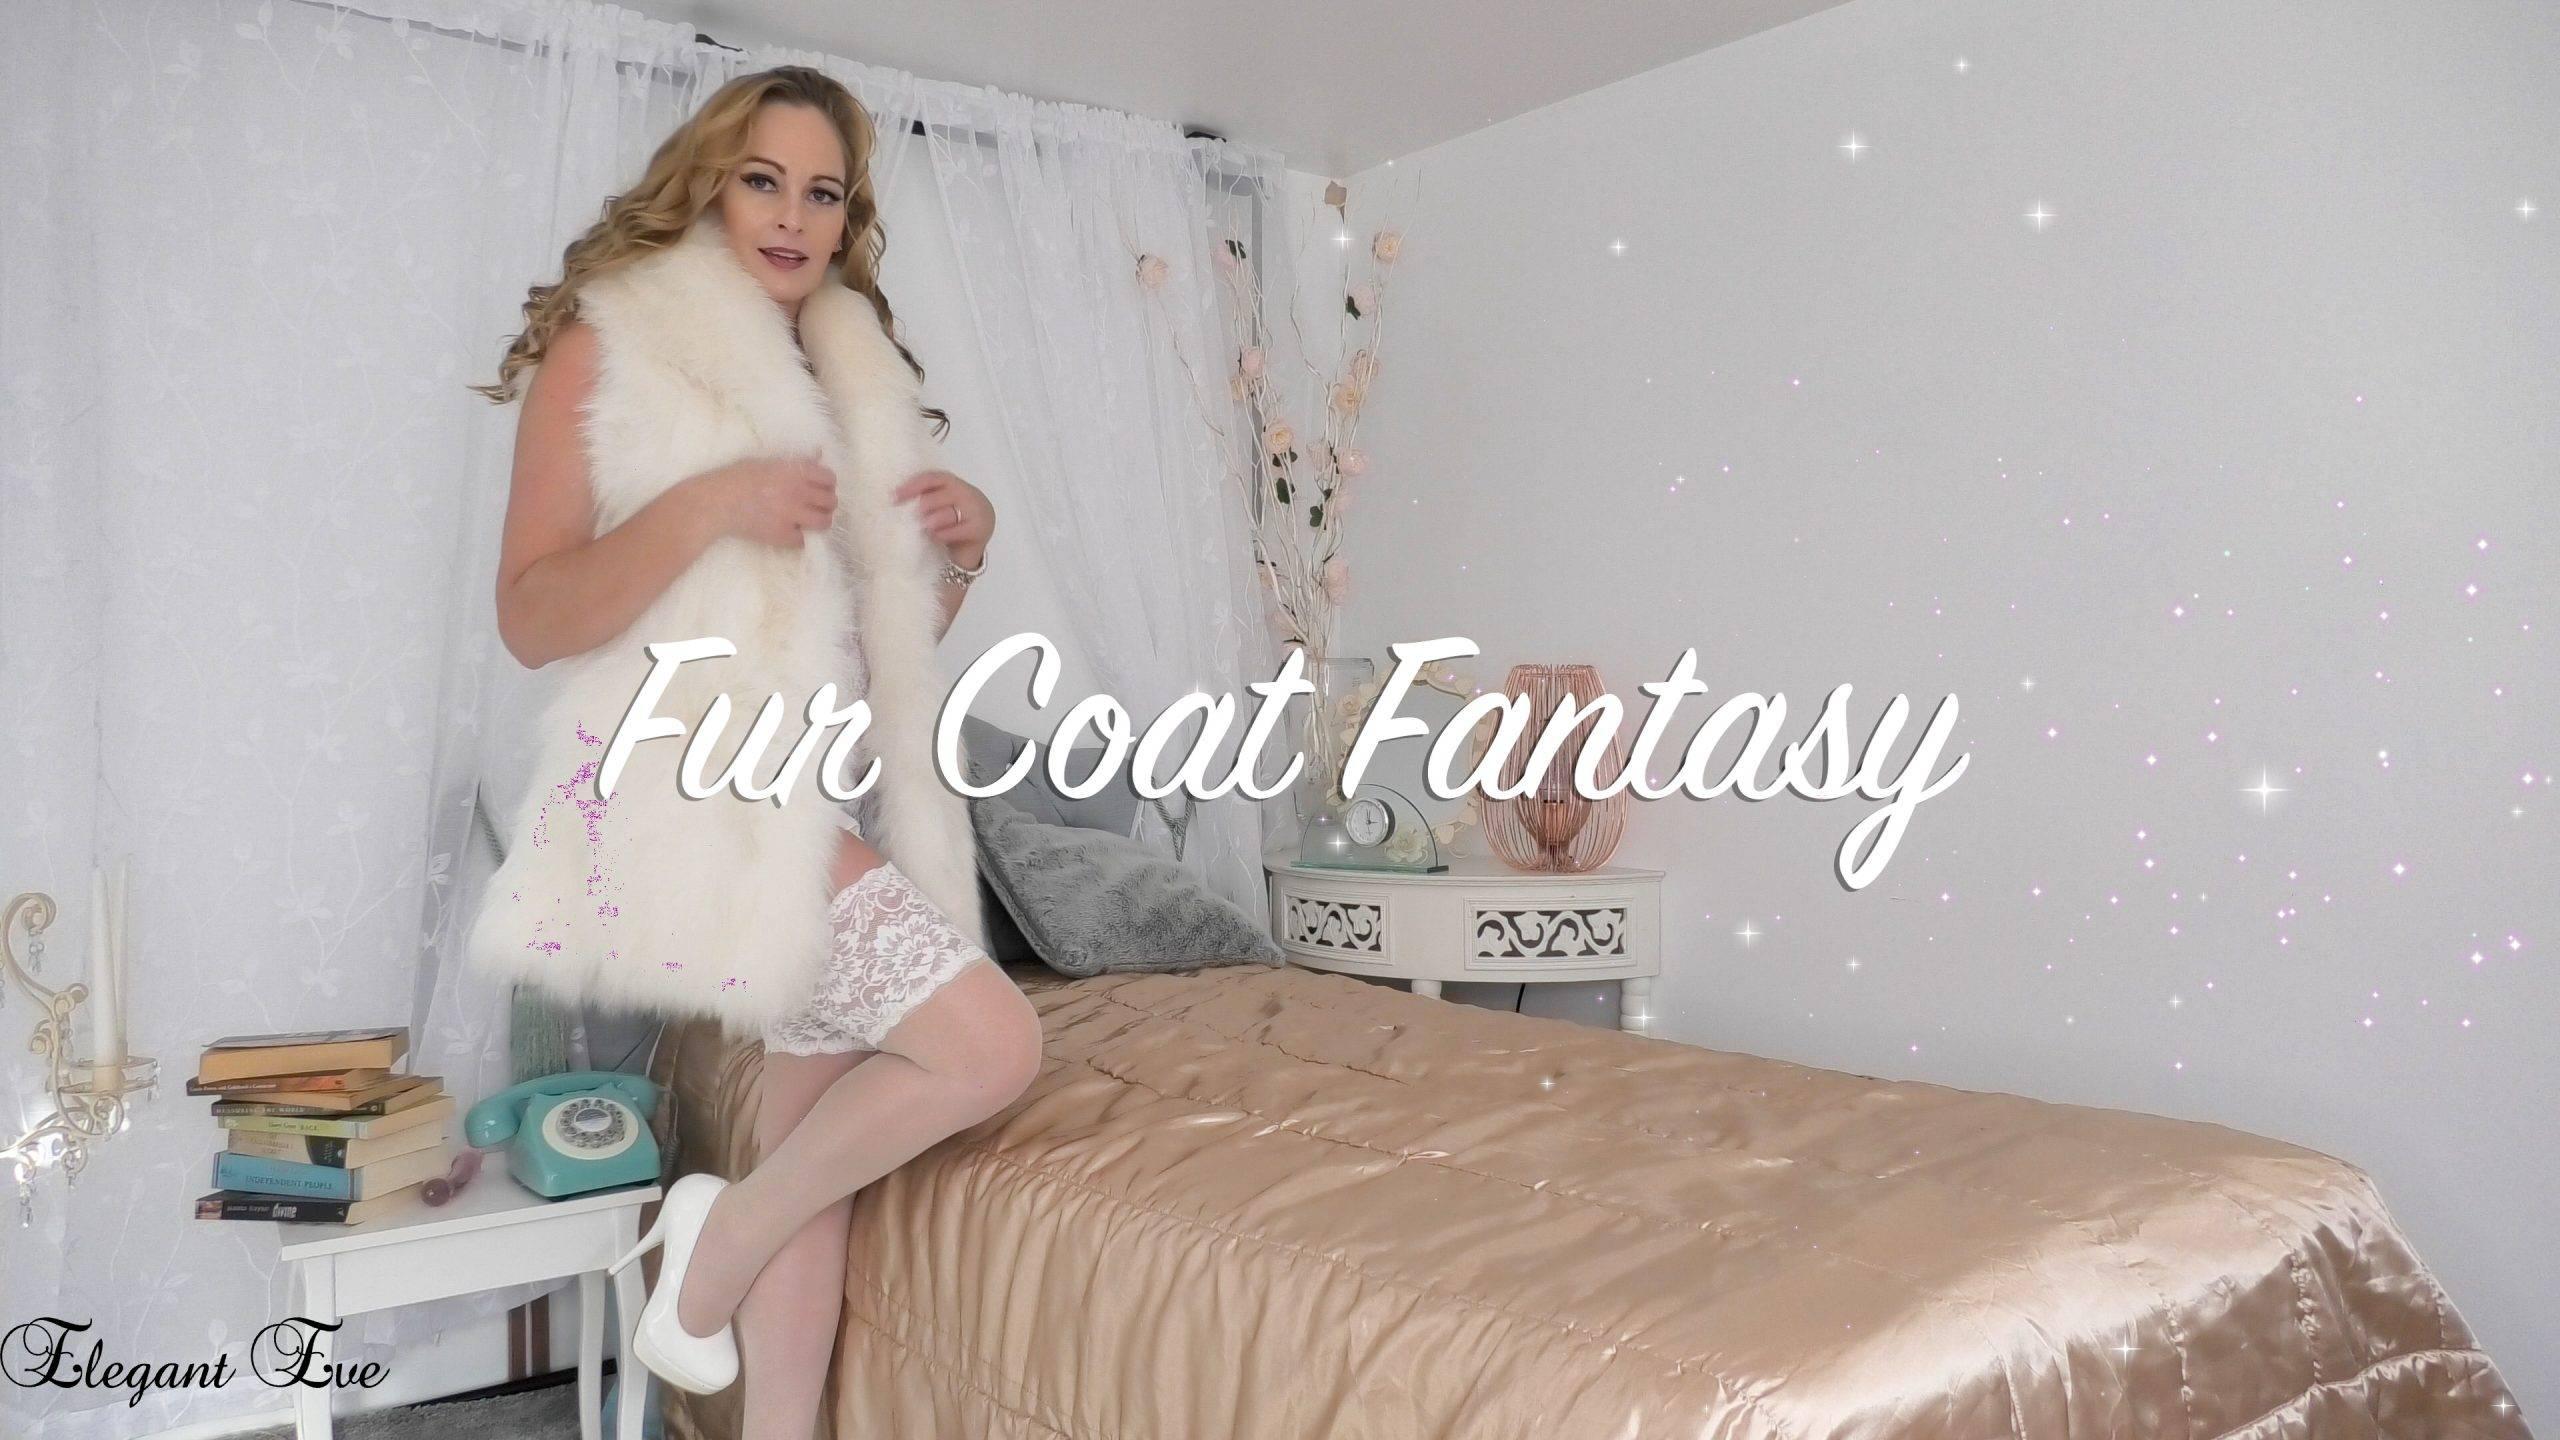 Fur coat fantasy 1